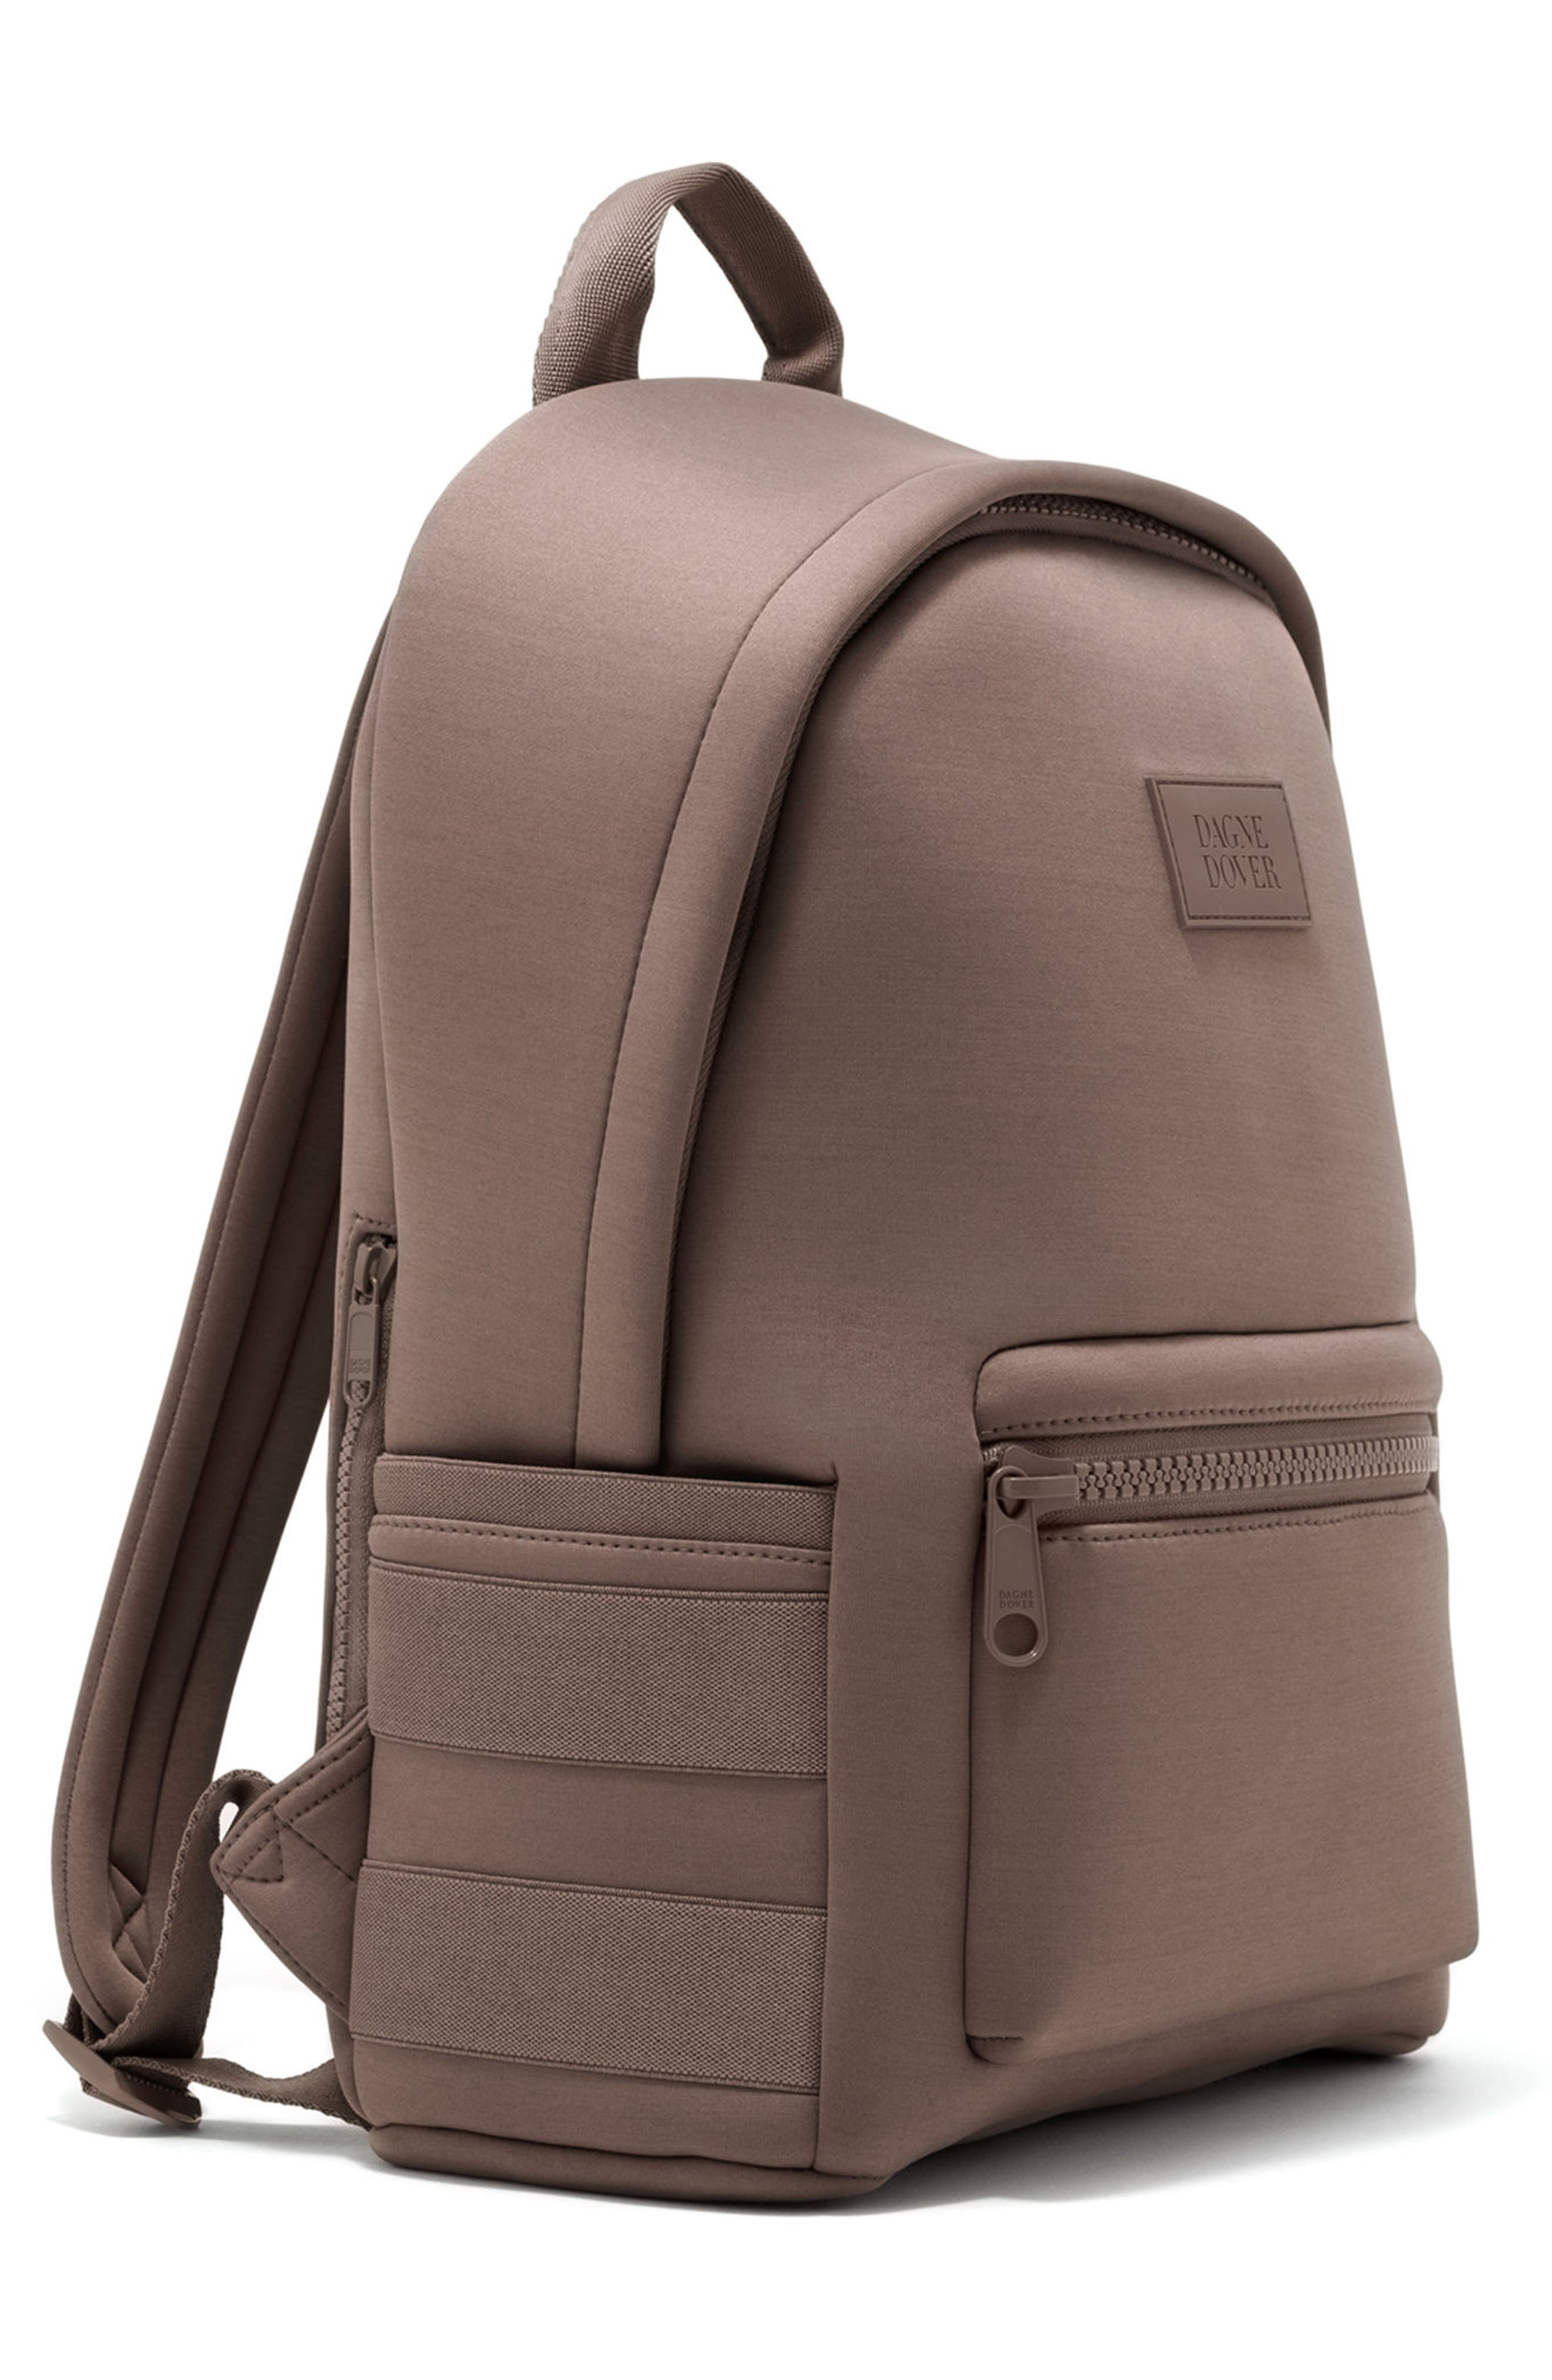 365 Dakota Neoprene Backpack,                             Alternate thumbnail 32, color,